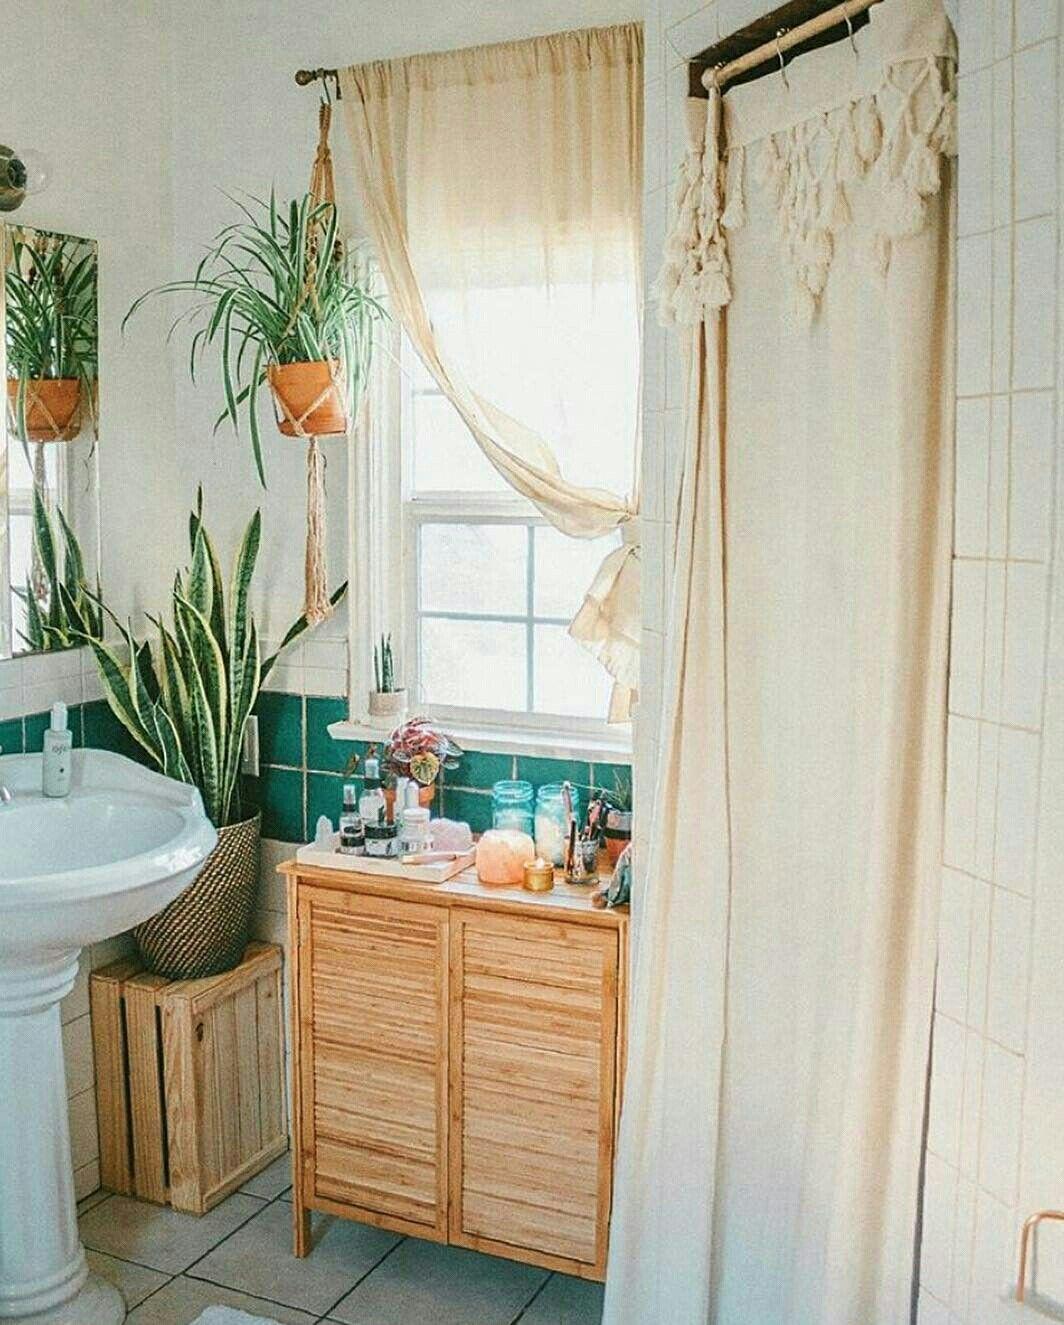 Banheiro Com Armario De Madeira Crua Urbanoutfittershome Banheiro Bathroom Decor Deco Rental Bathroom Makeover Rental Bathroom Rental Kitchen Makeover